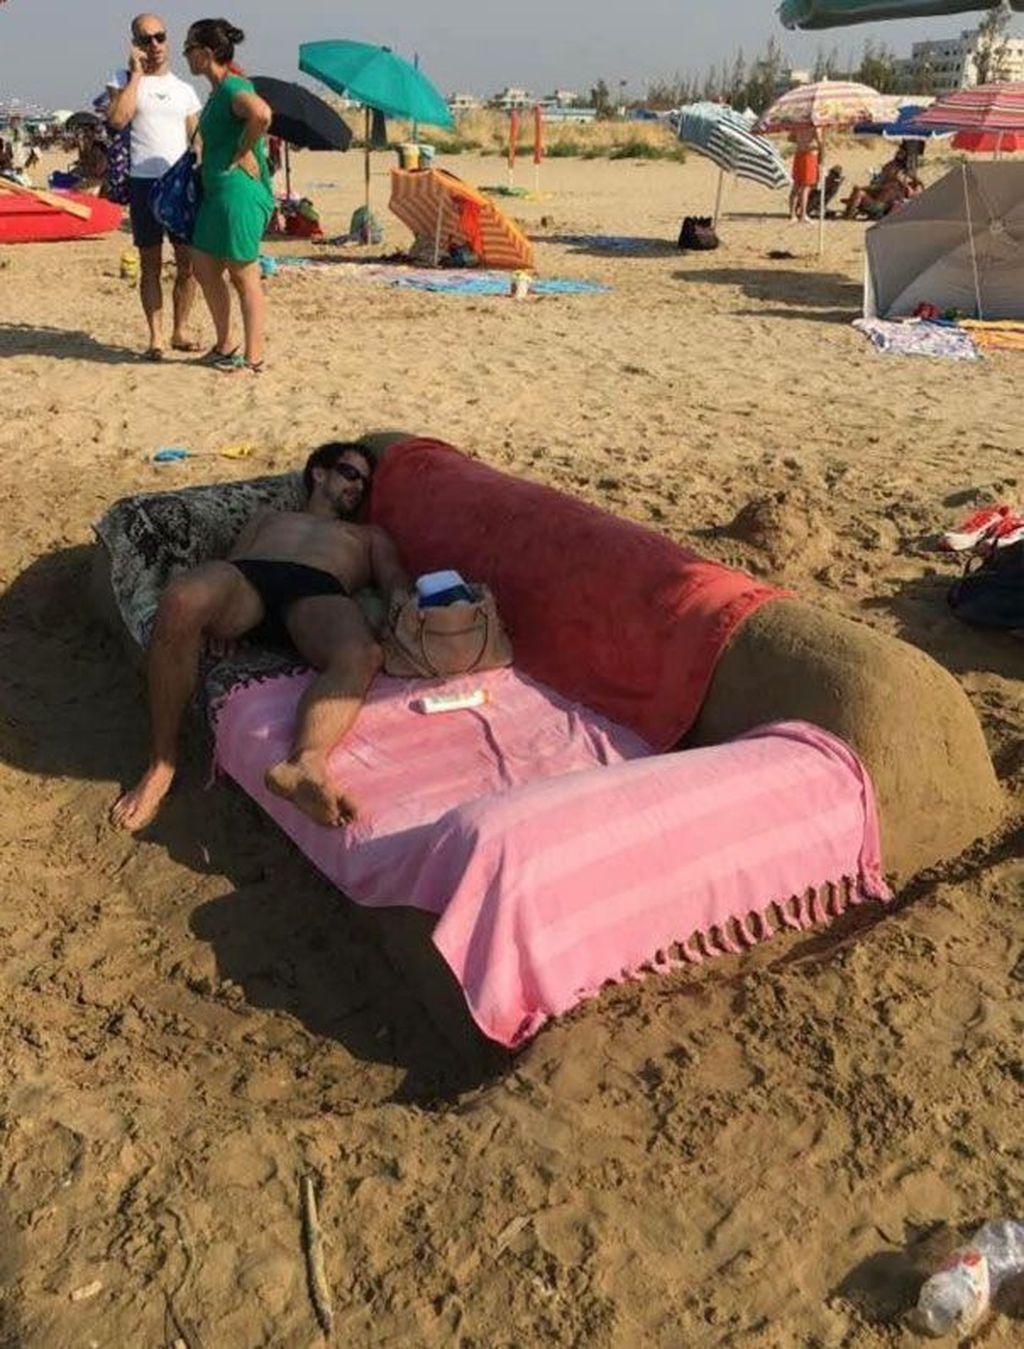 Karena kastil dari pasir sudah kelewat mainstream... (Foto: Boredpanda.com)